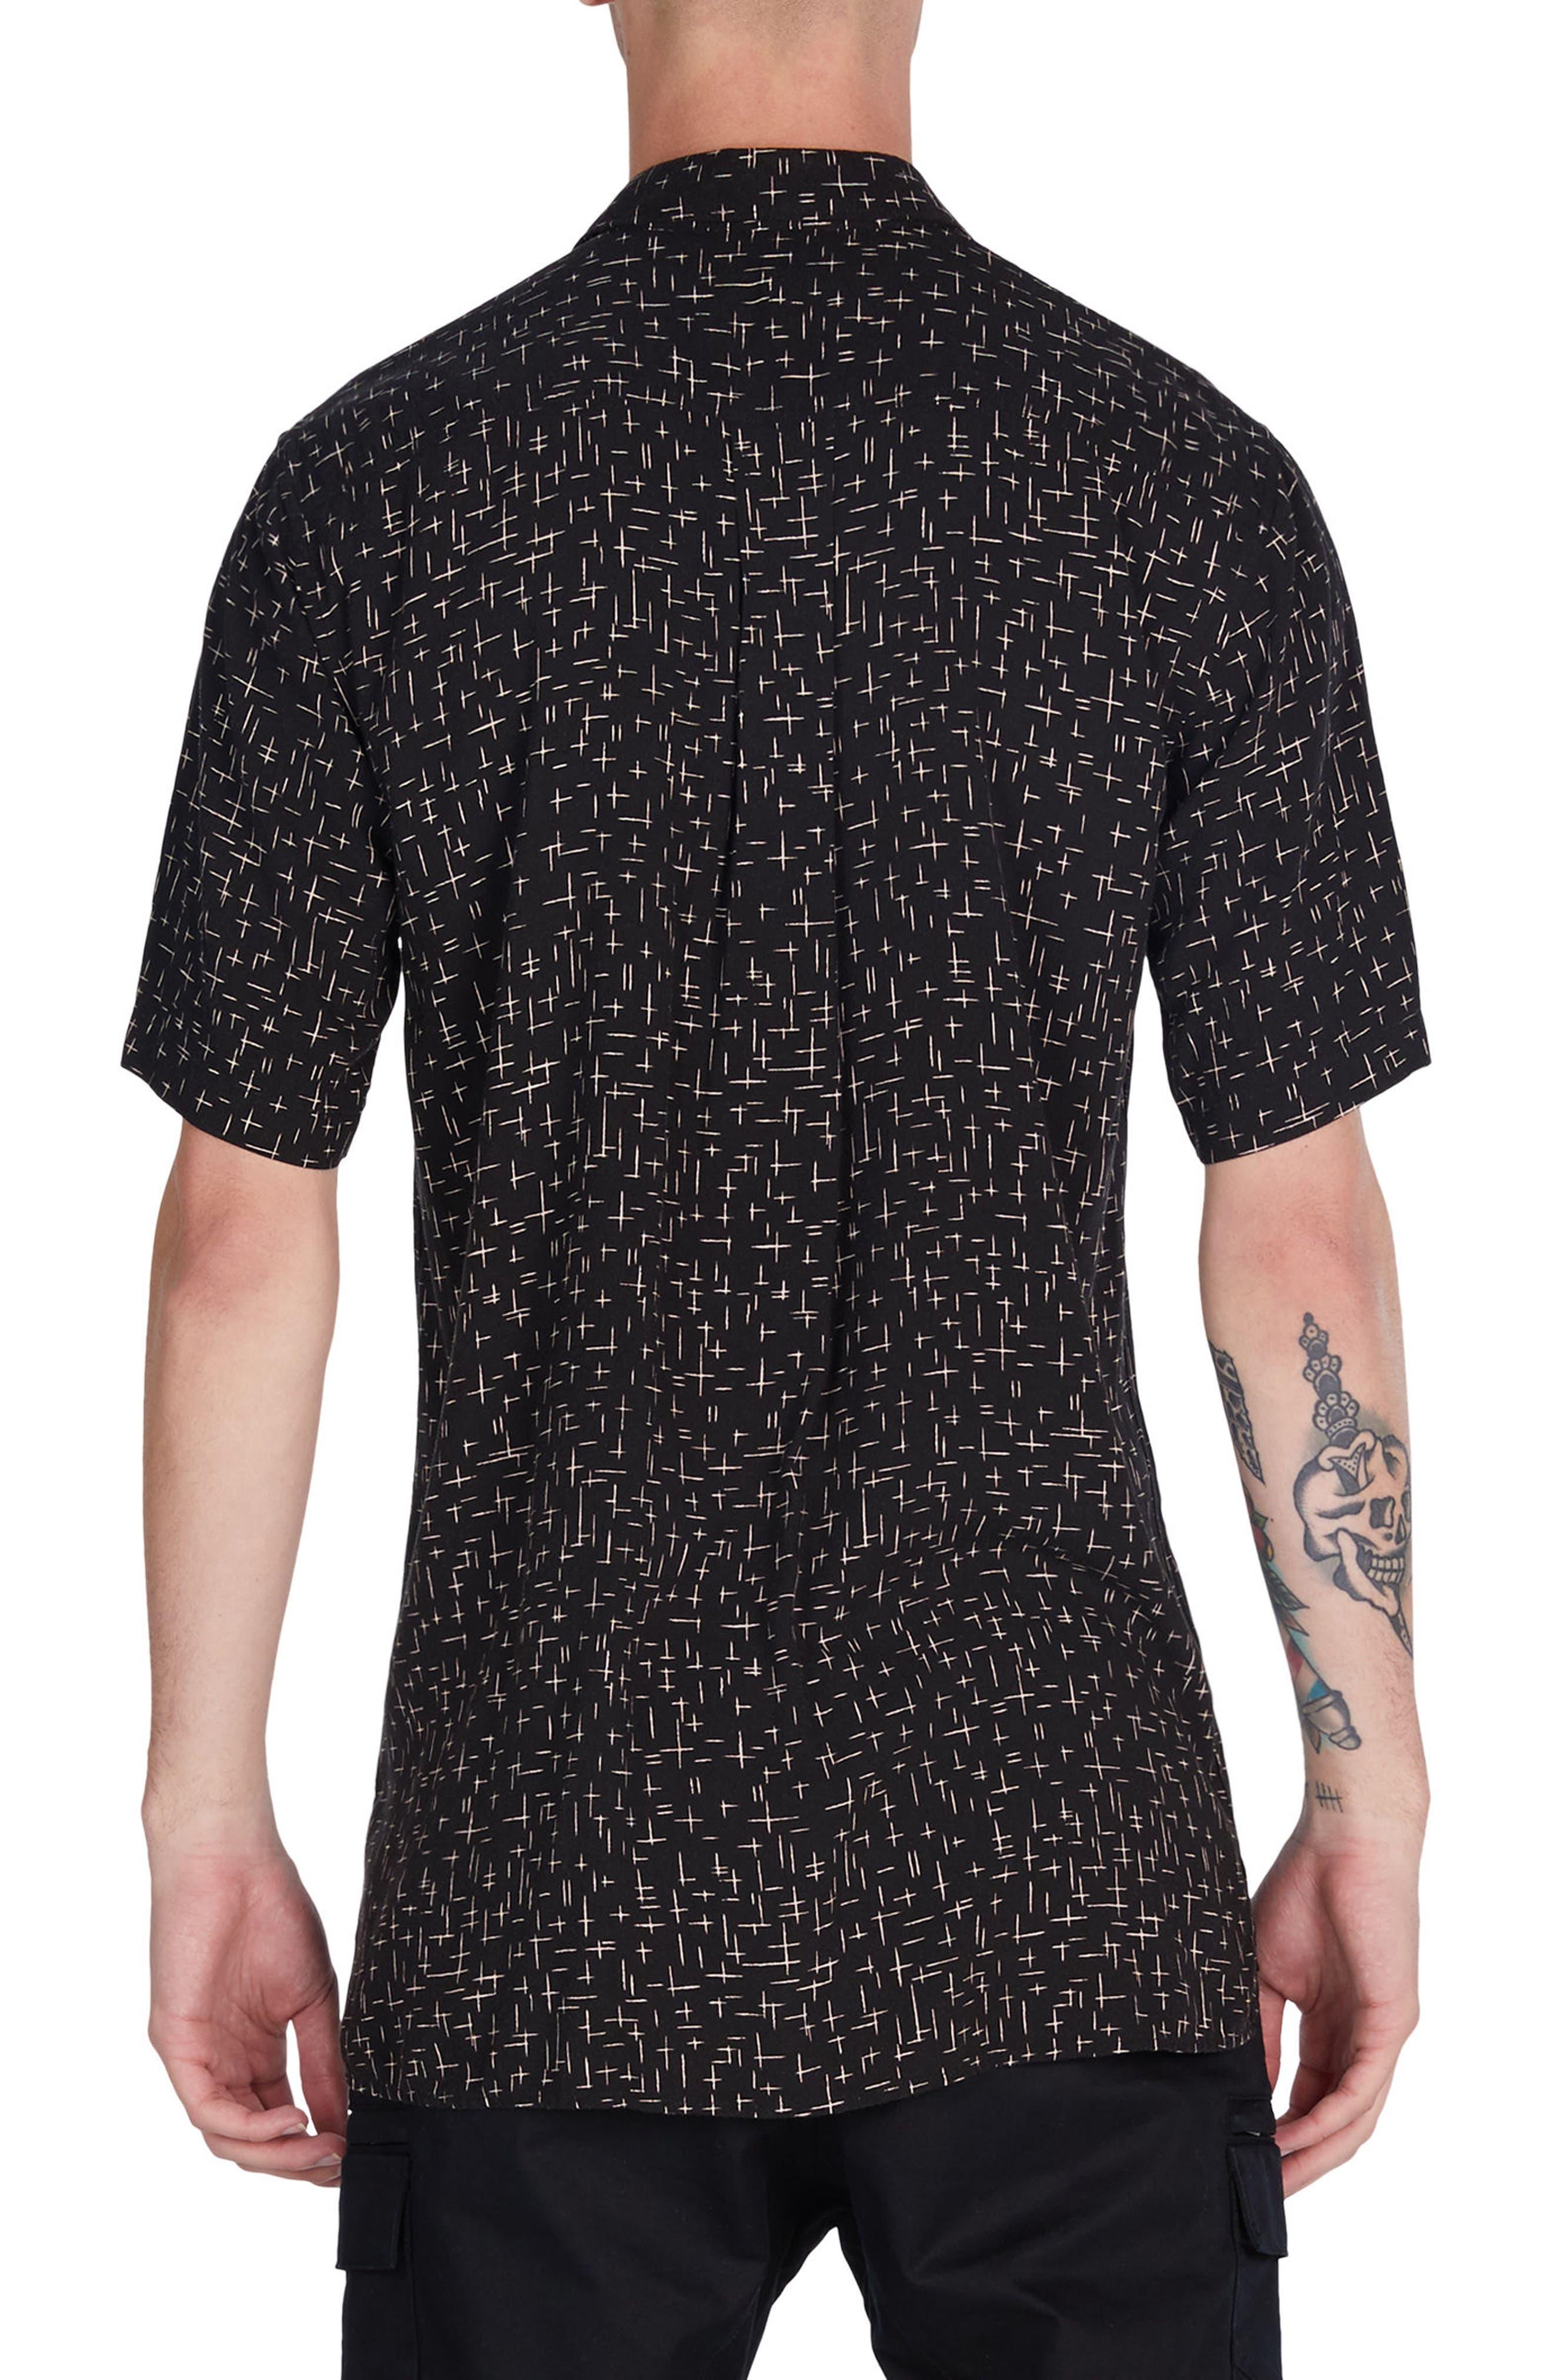 XCross Box Shirt,                             Alternate thumbnail 2, color,                             Black/ Quartz